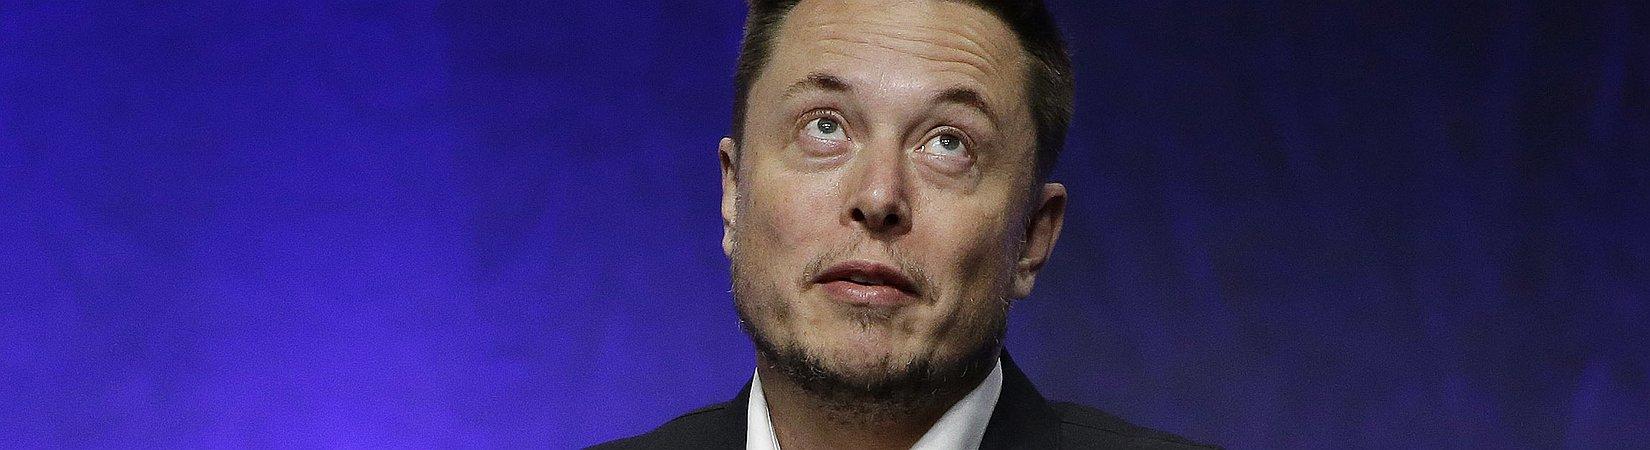 Elon Musk provocou queda das ações da Tesla com um tweet